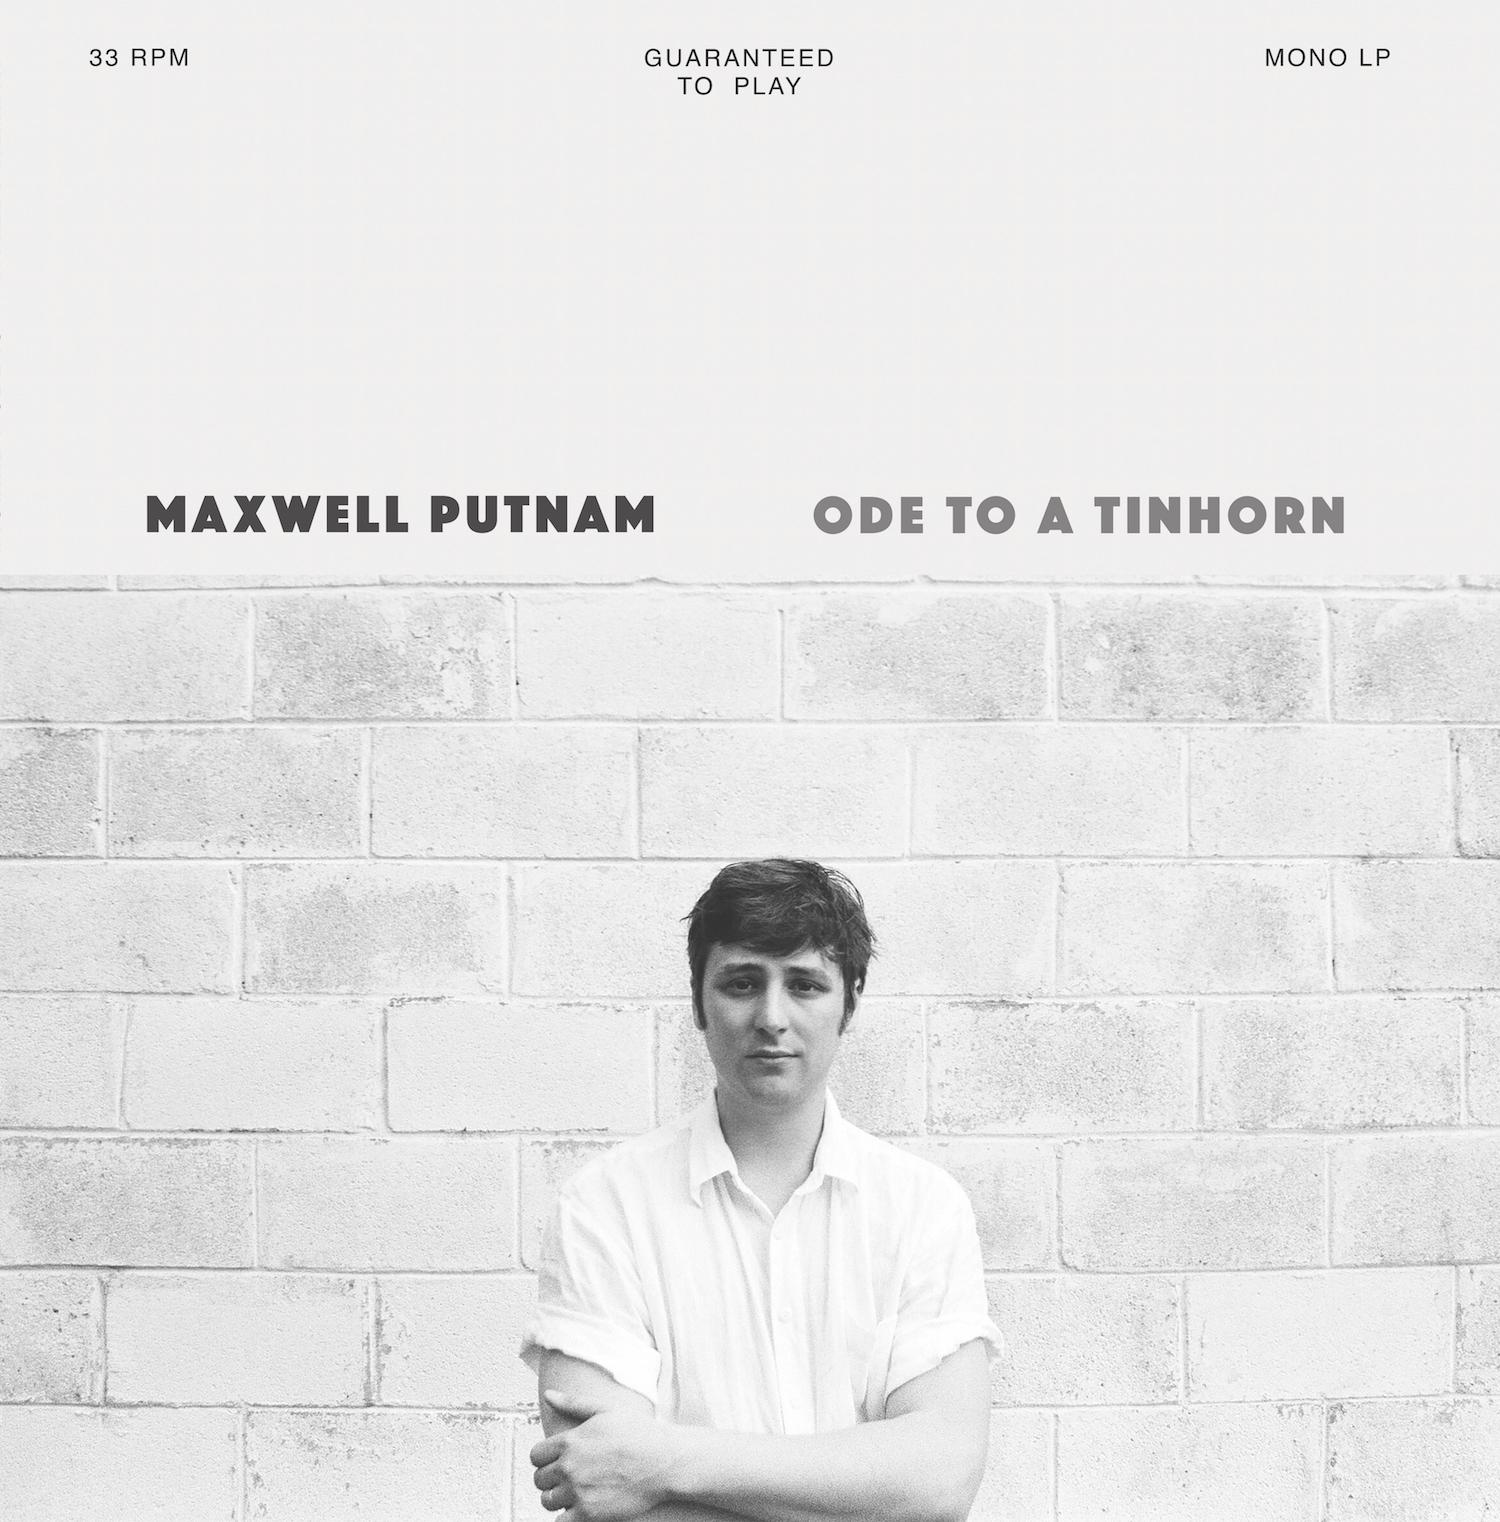 Ode to a Tinhorn - 12